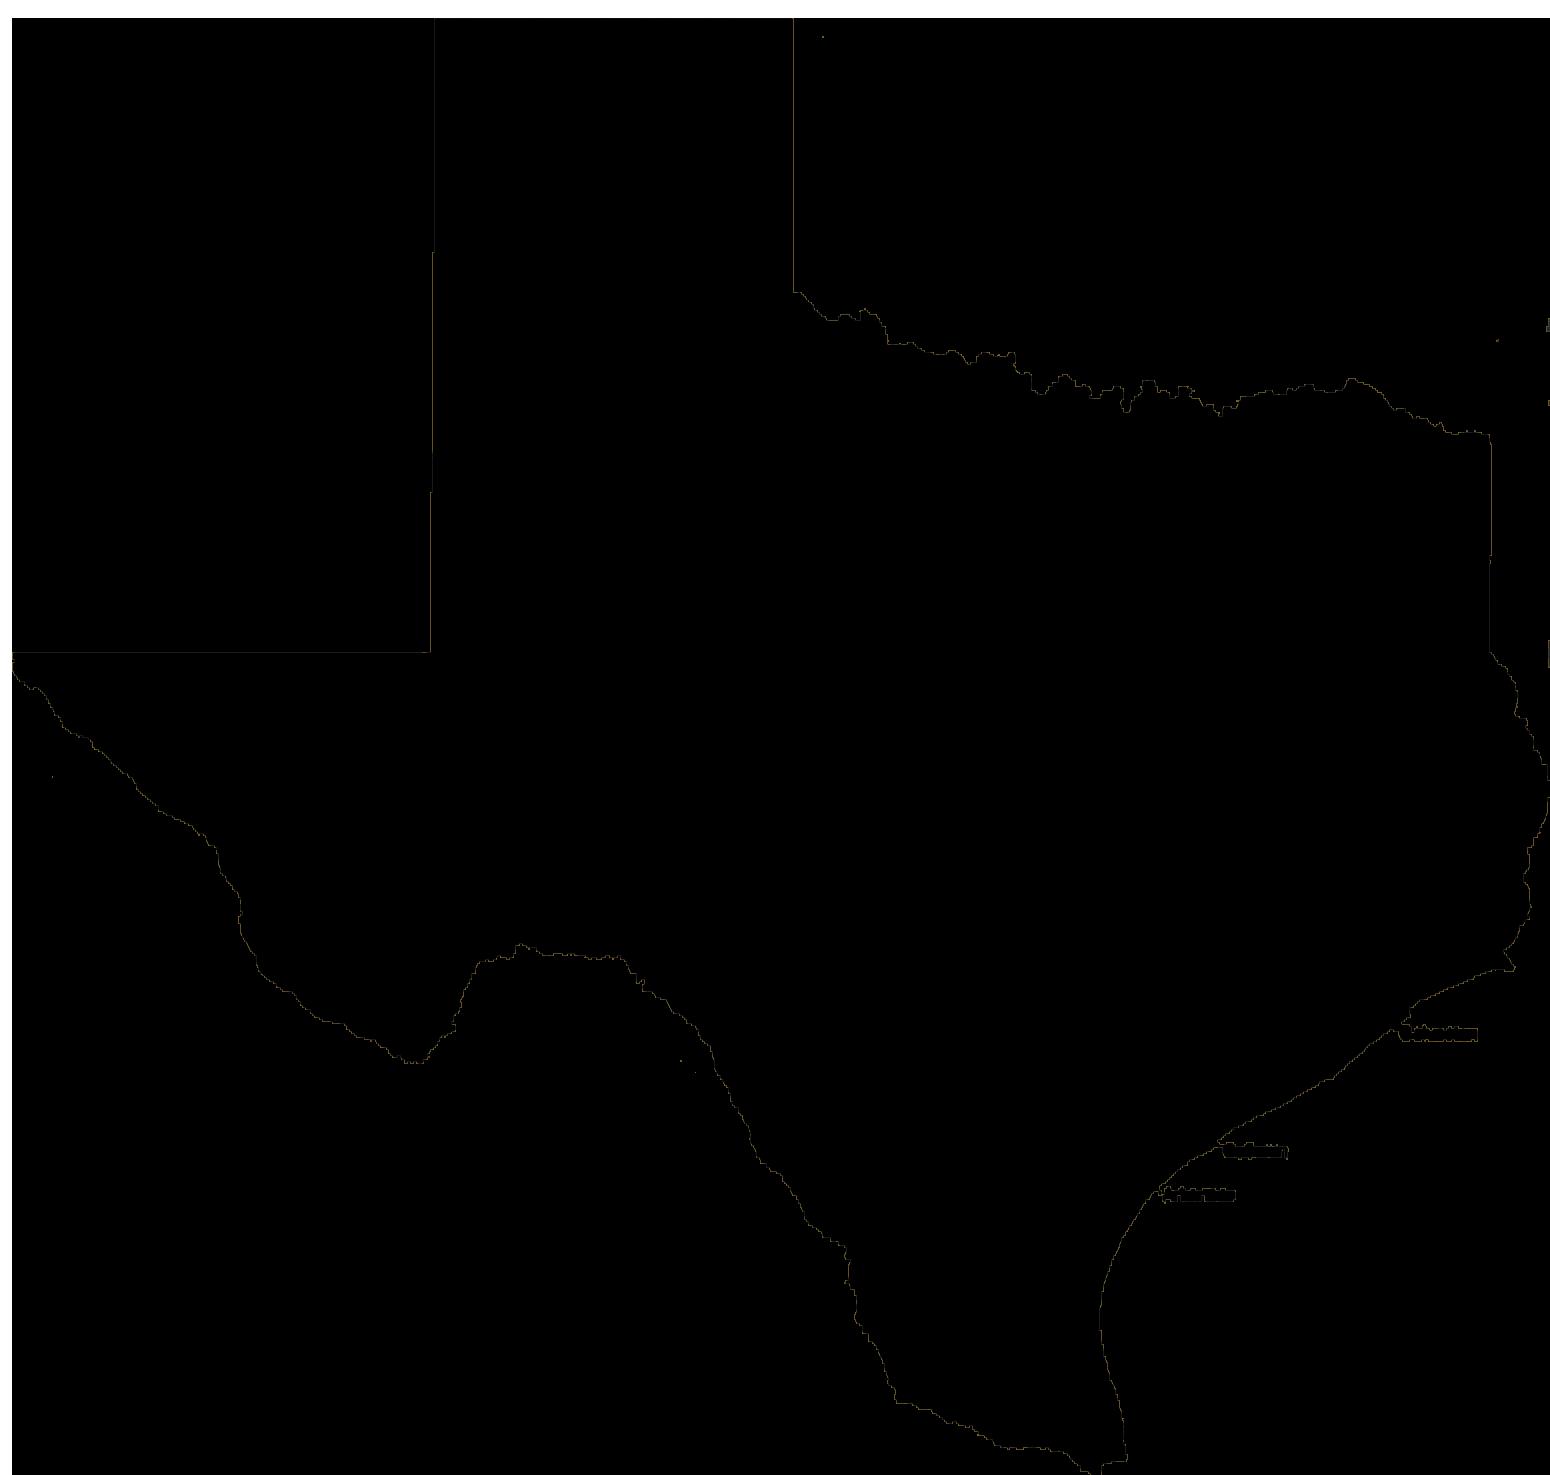 Shadow of Texas